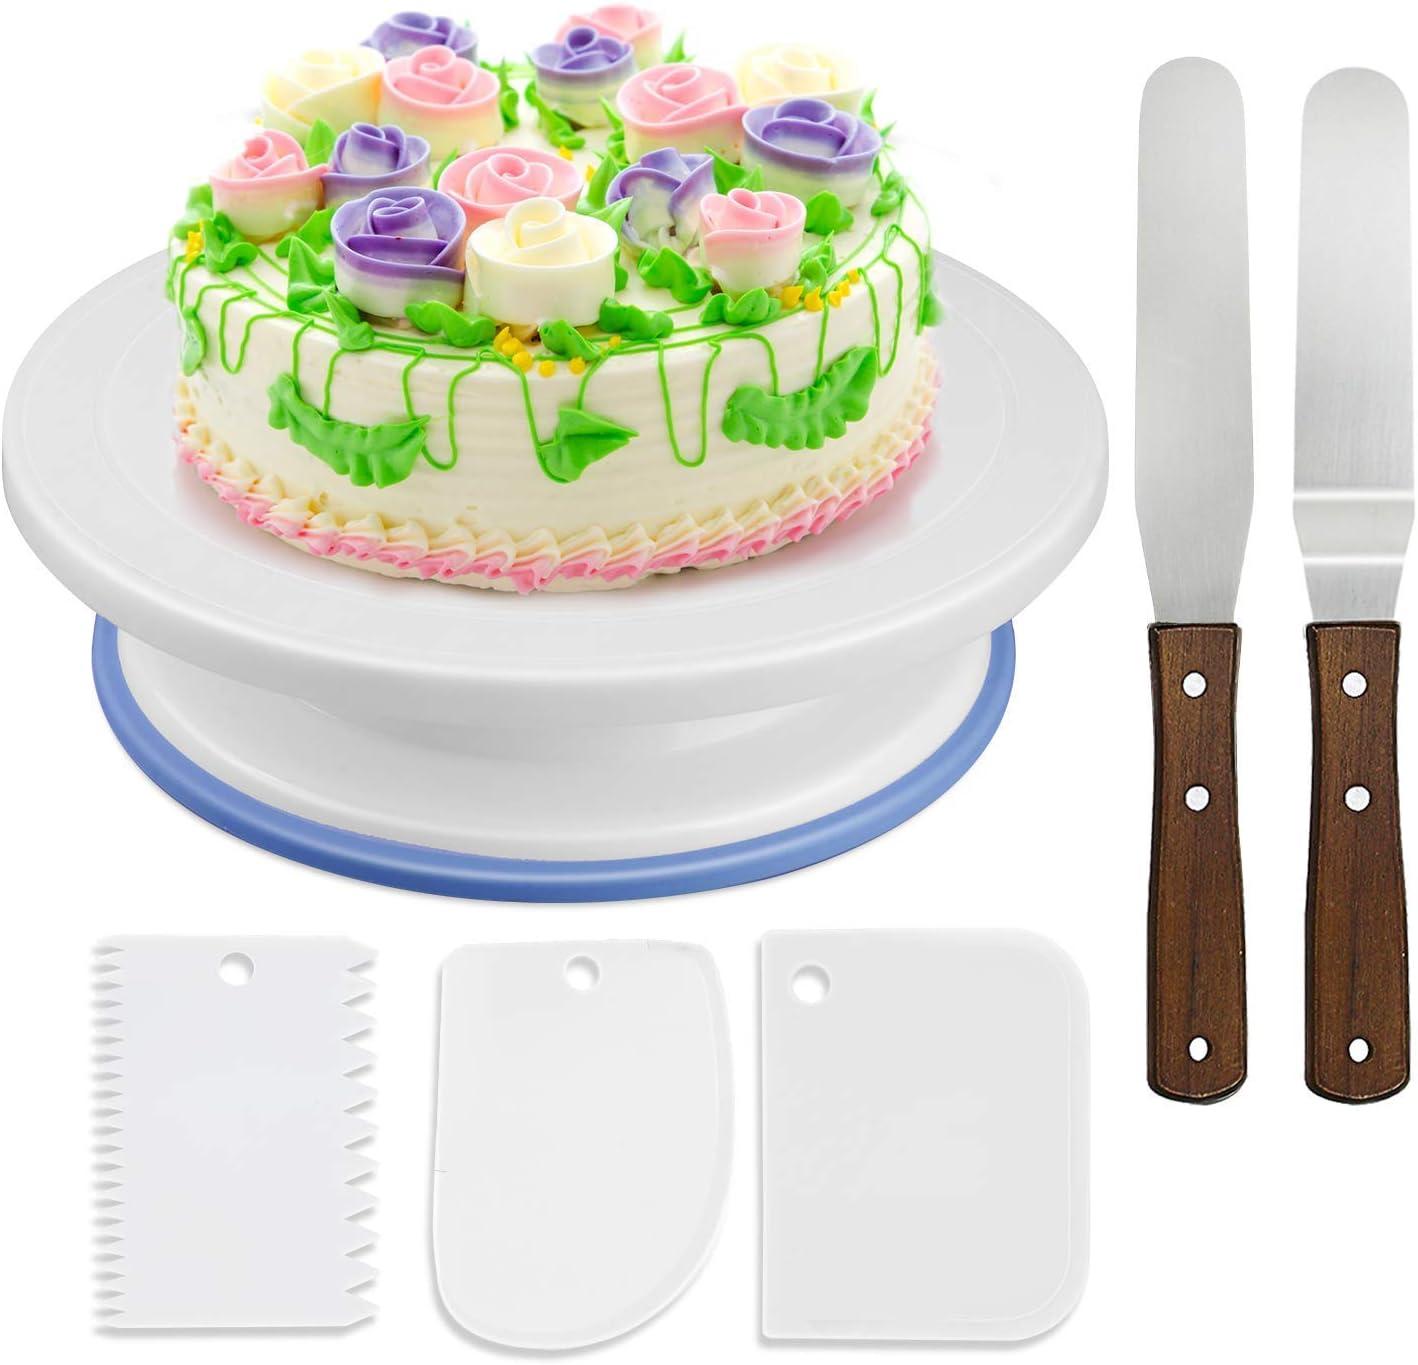 Soporte para tartas giratorio, 6 piezas. Plato giratorio para tartas, decoración, con juego de 2 paletas en ángulo, 3 unidades de Smoother, para hornear, glaseado,27 x 7 cm, blanco: Amazon.es: Hogar